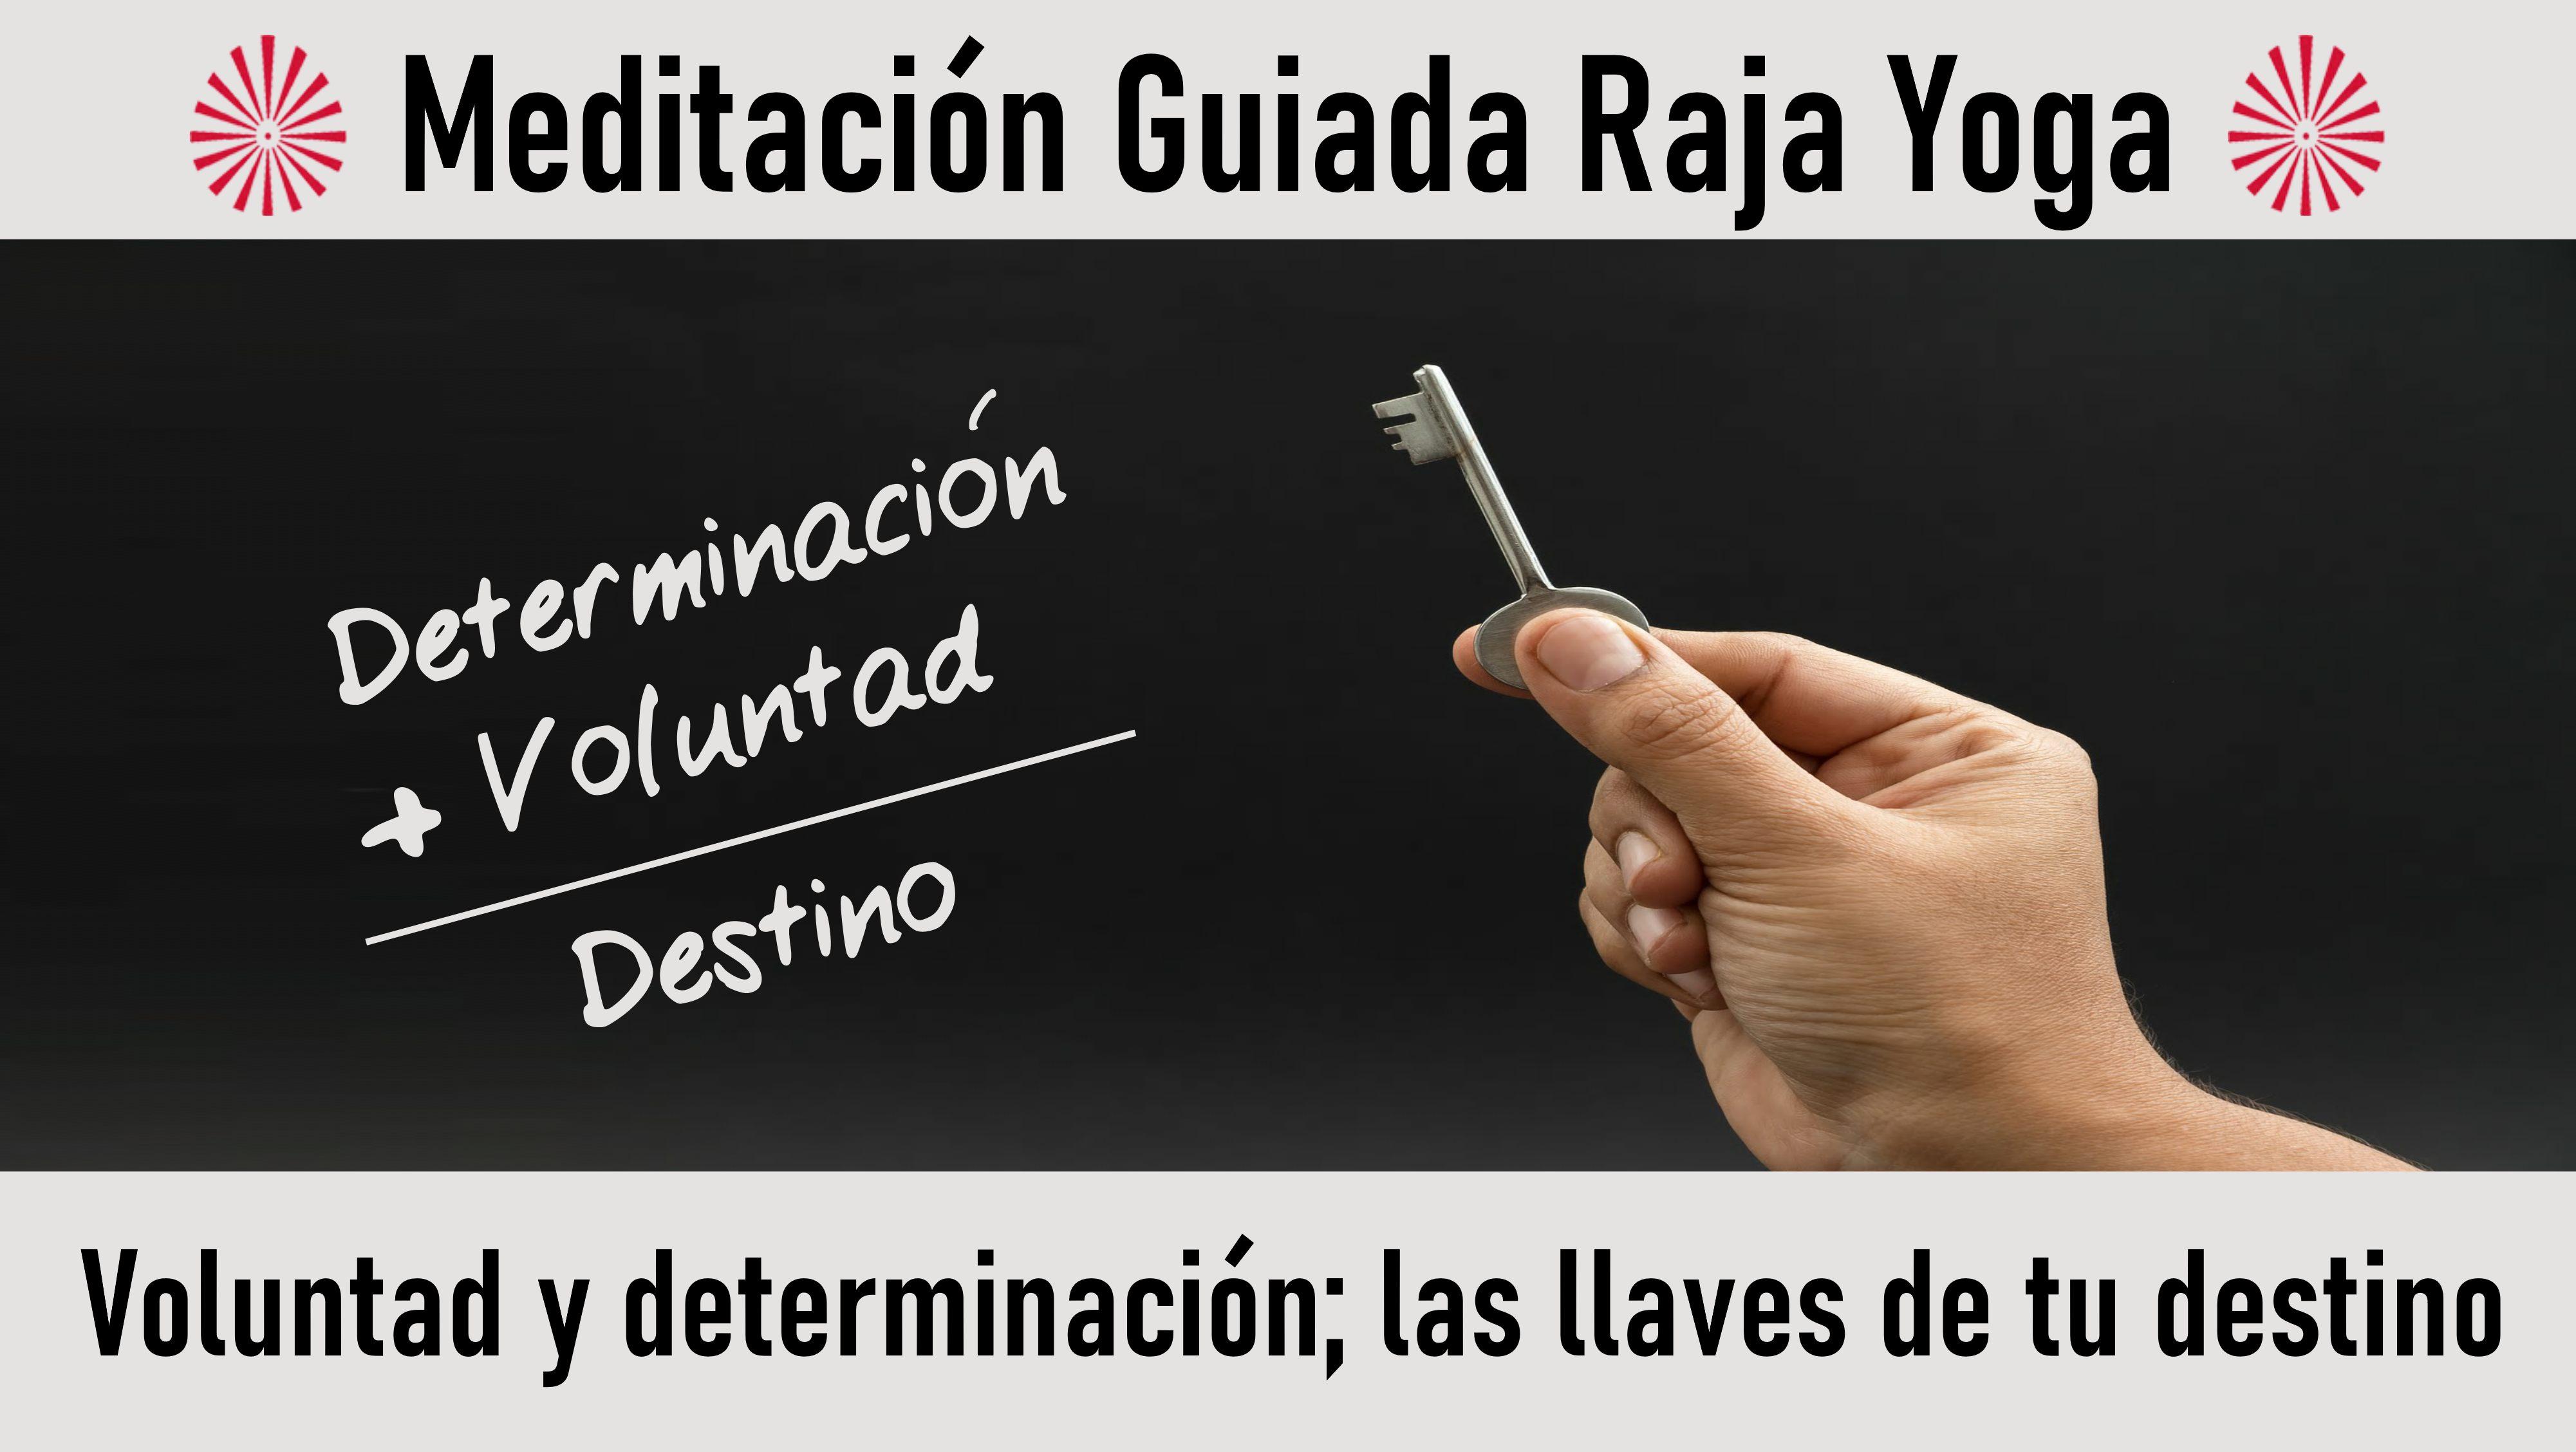 Meditación Raja Yoga: Voluntad y determinación Las llaves de tu destino (26 Octubre 2020) On-line desde Mallorca